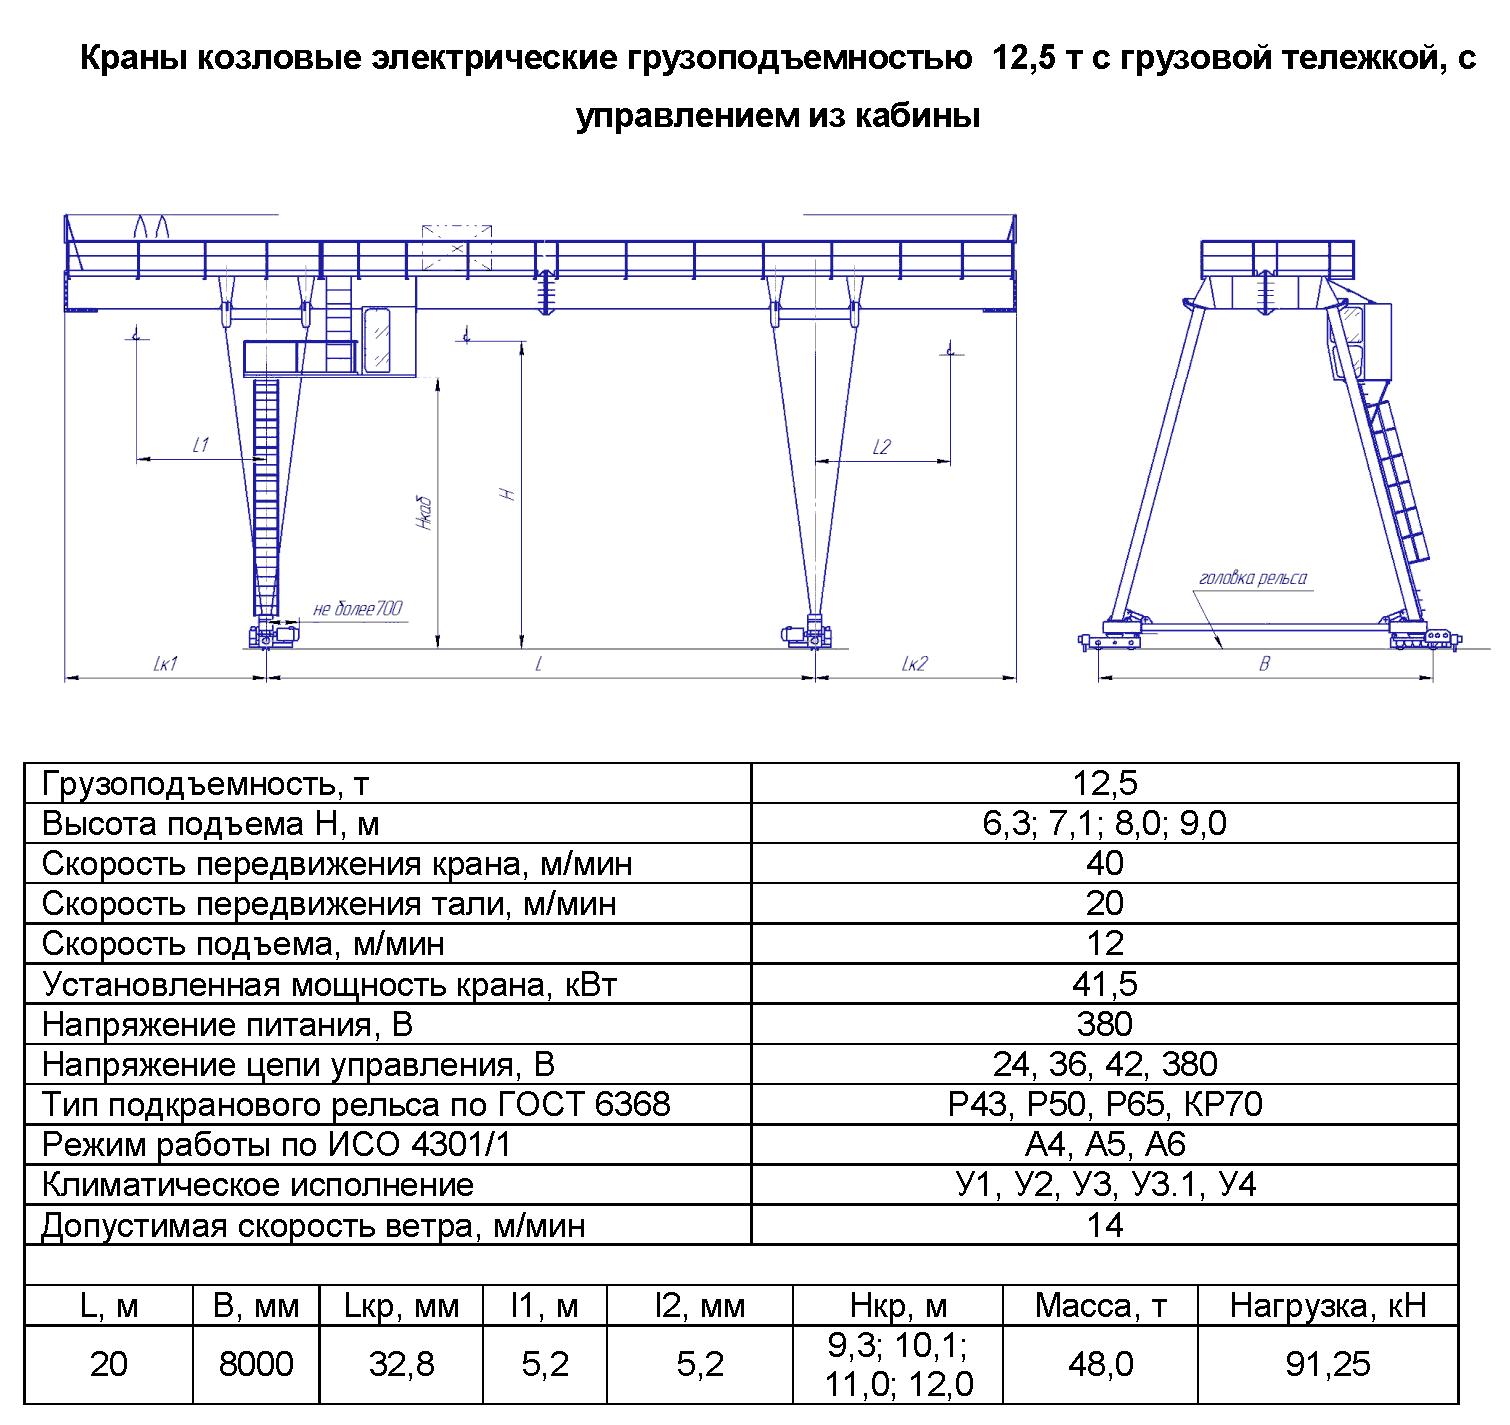 KKD 12 200 - Кран козловой электрический двухбалочный